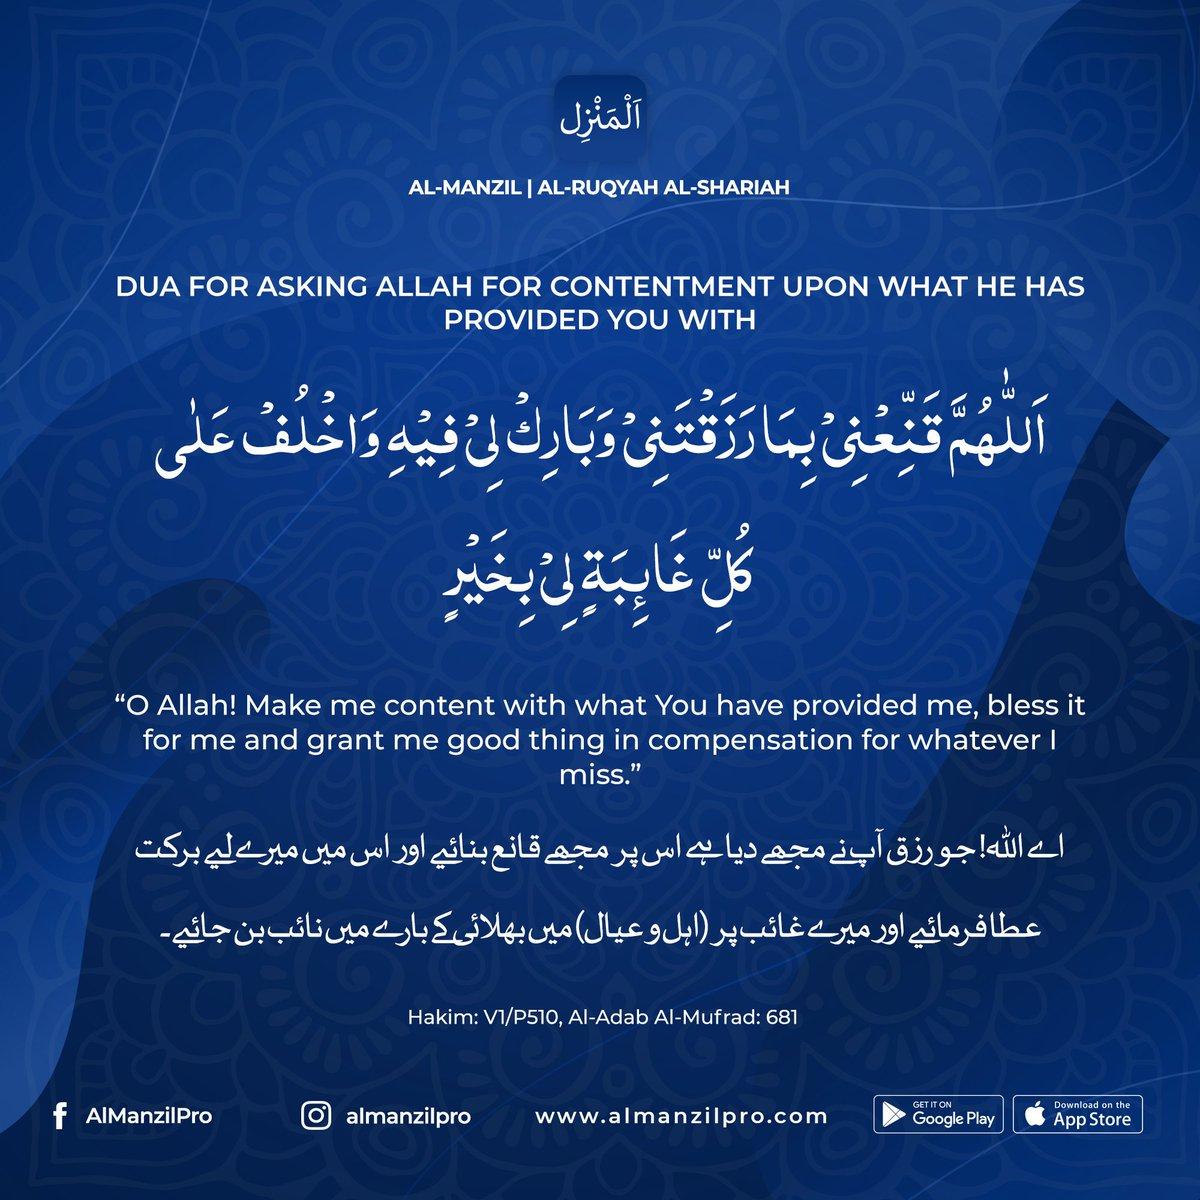 S Al Ruqyah Al Shariah – Shredz